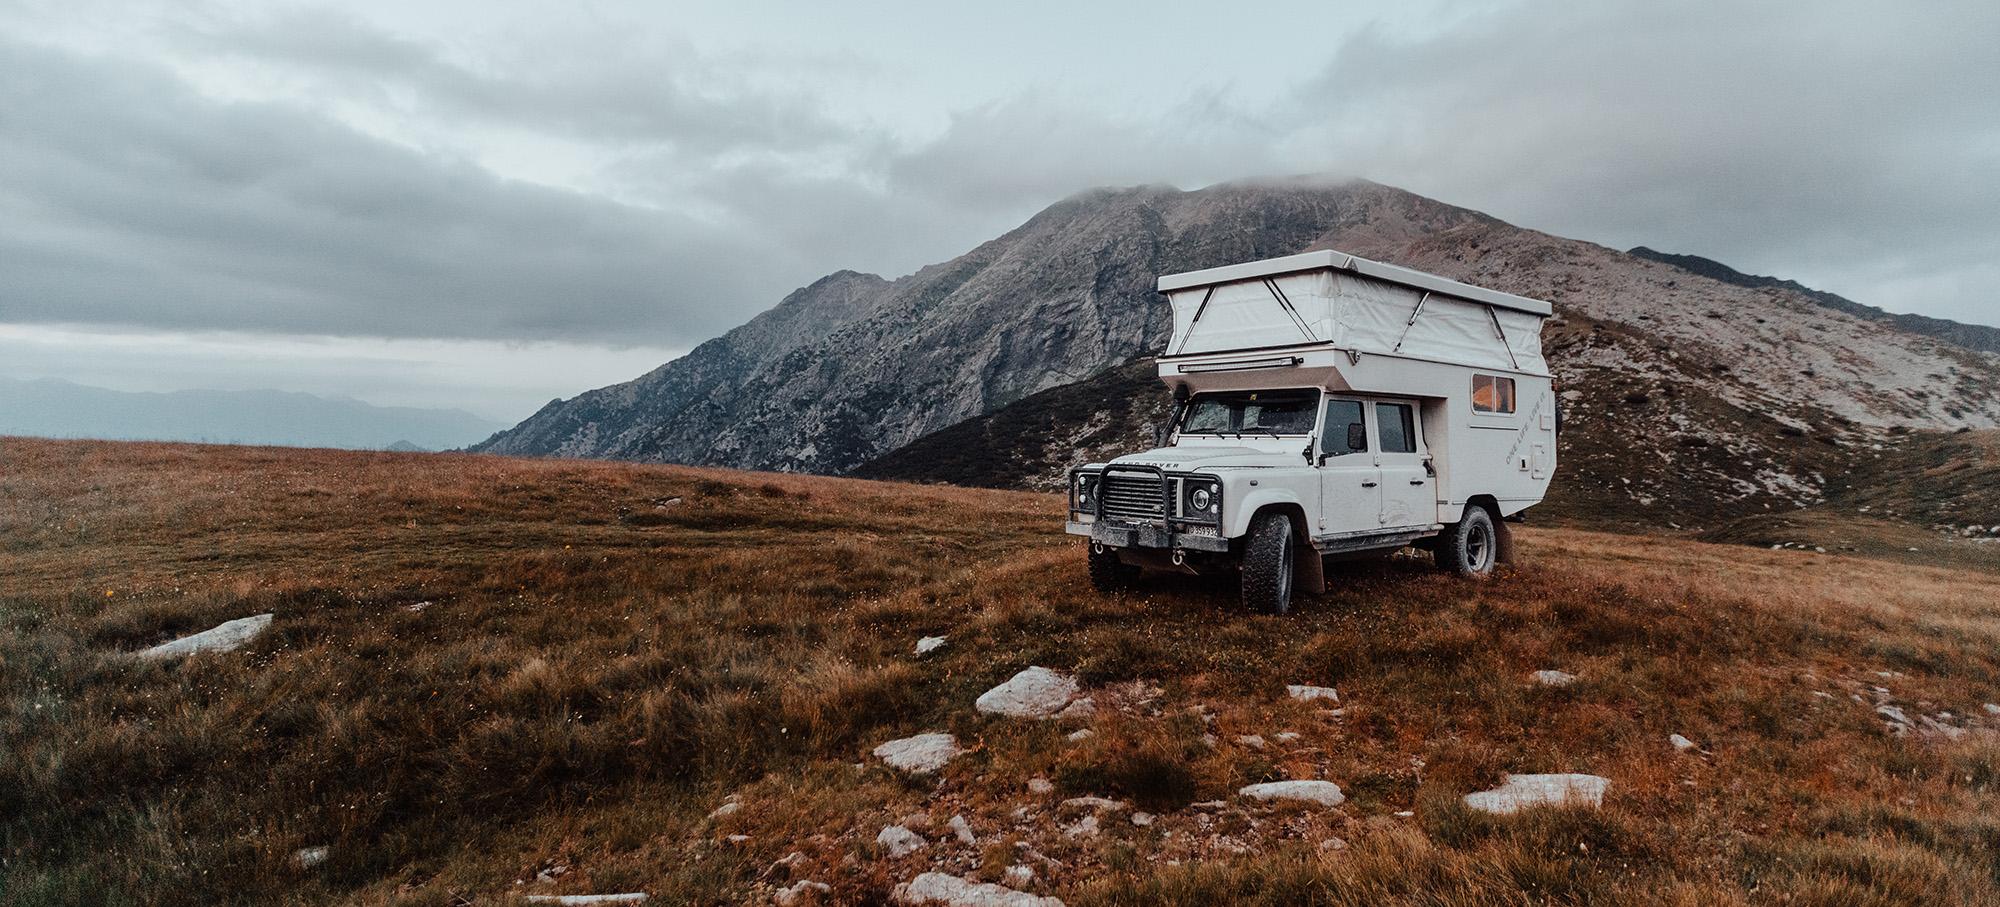 Ist Wildcamping in der Schweiz erlaubt?